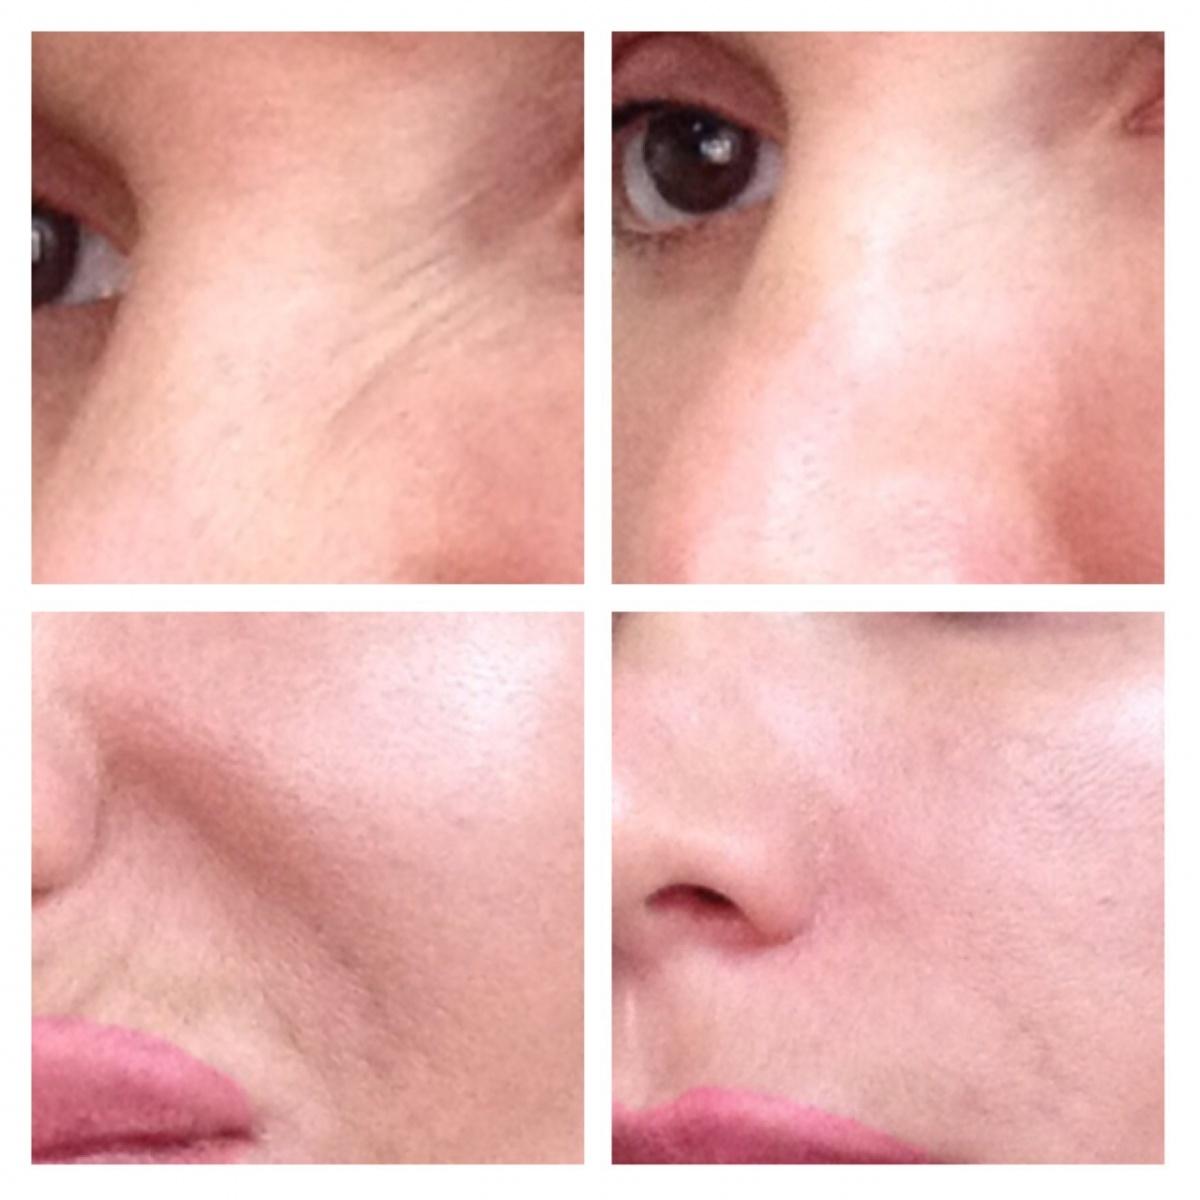 как убрать складки на лице возле носа